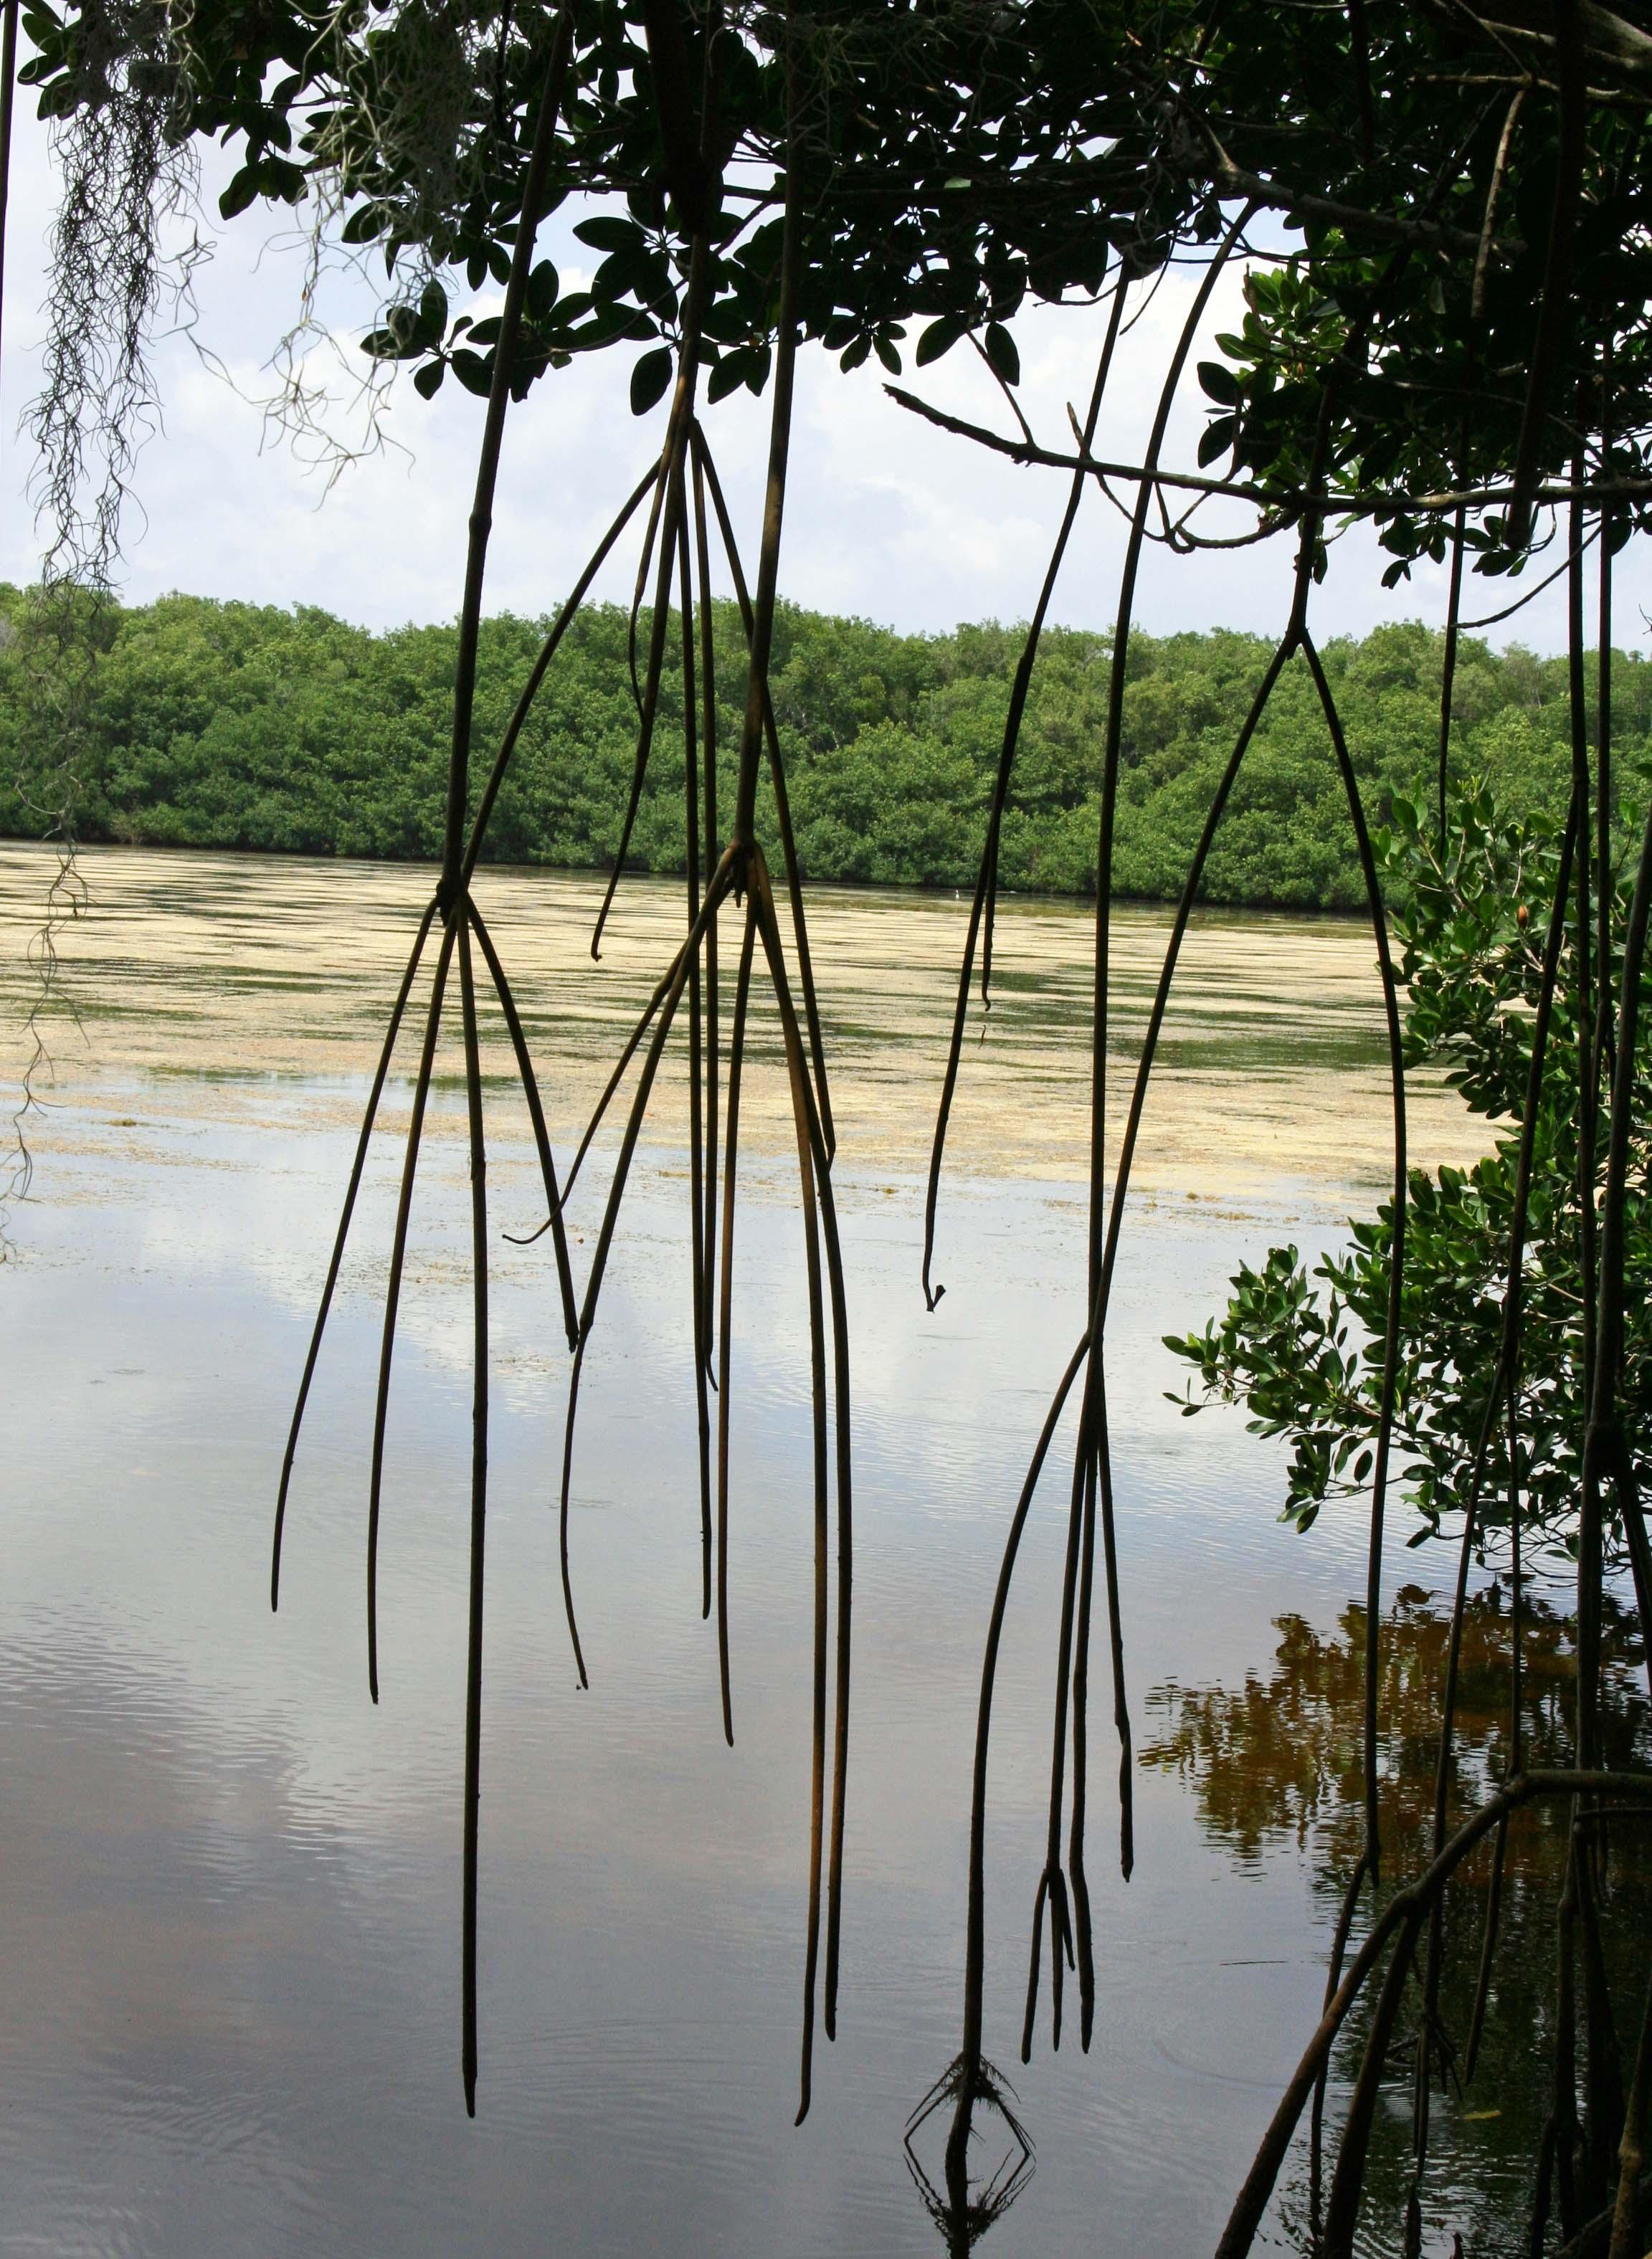 Everglades lake photo by Curtis Mekemson.